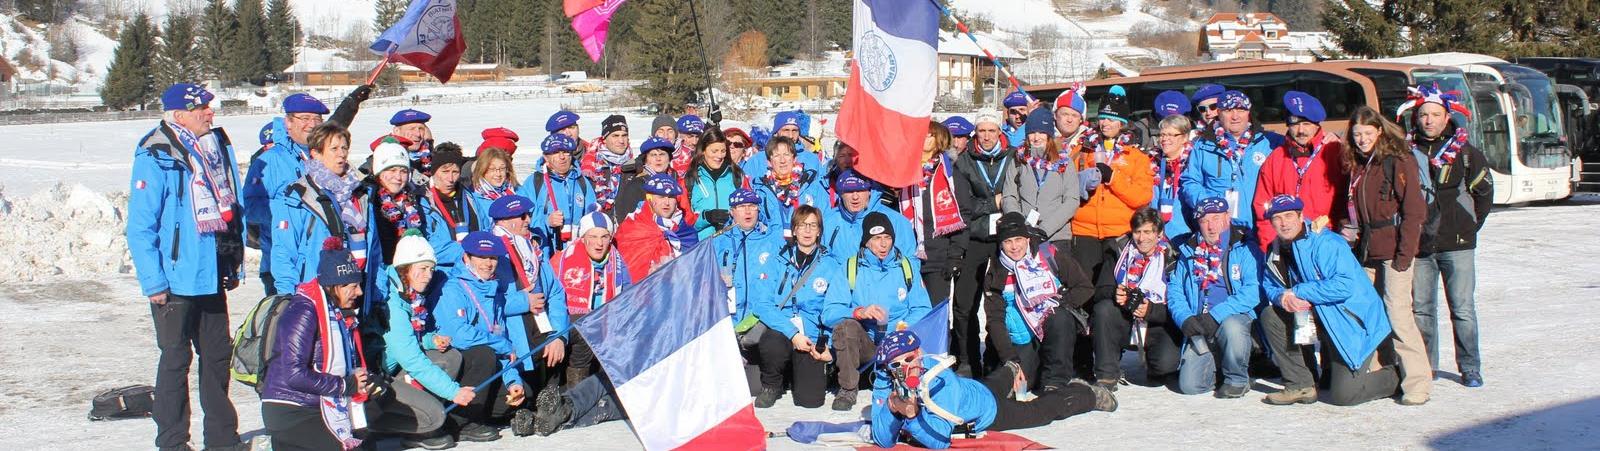 France Biathlon Supporters